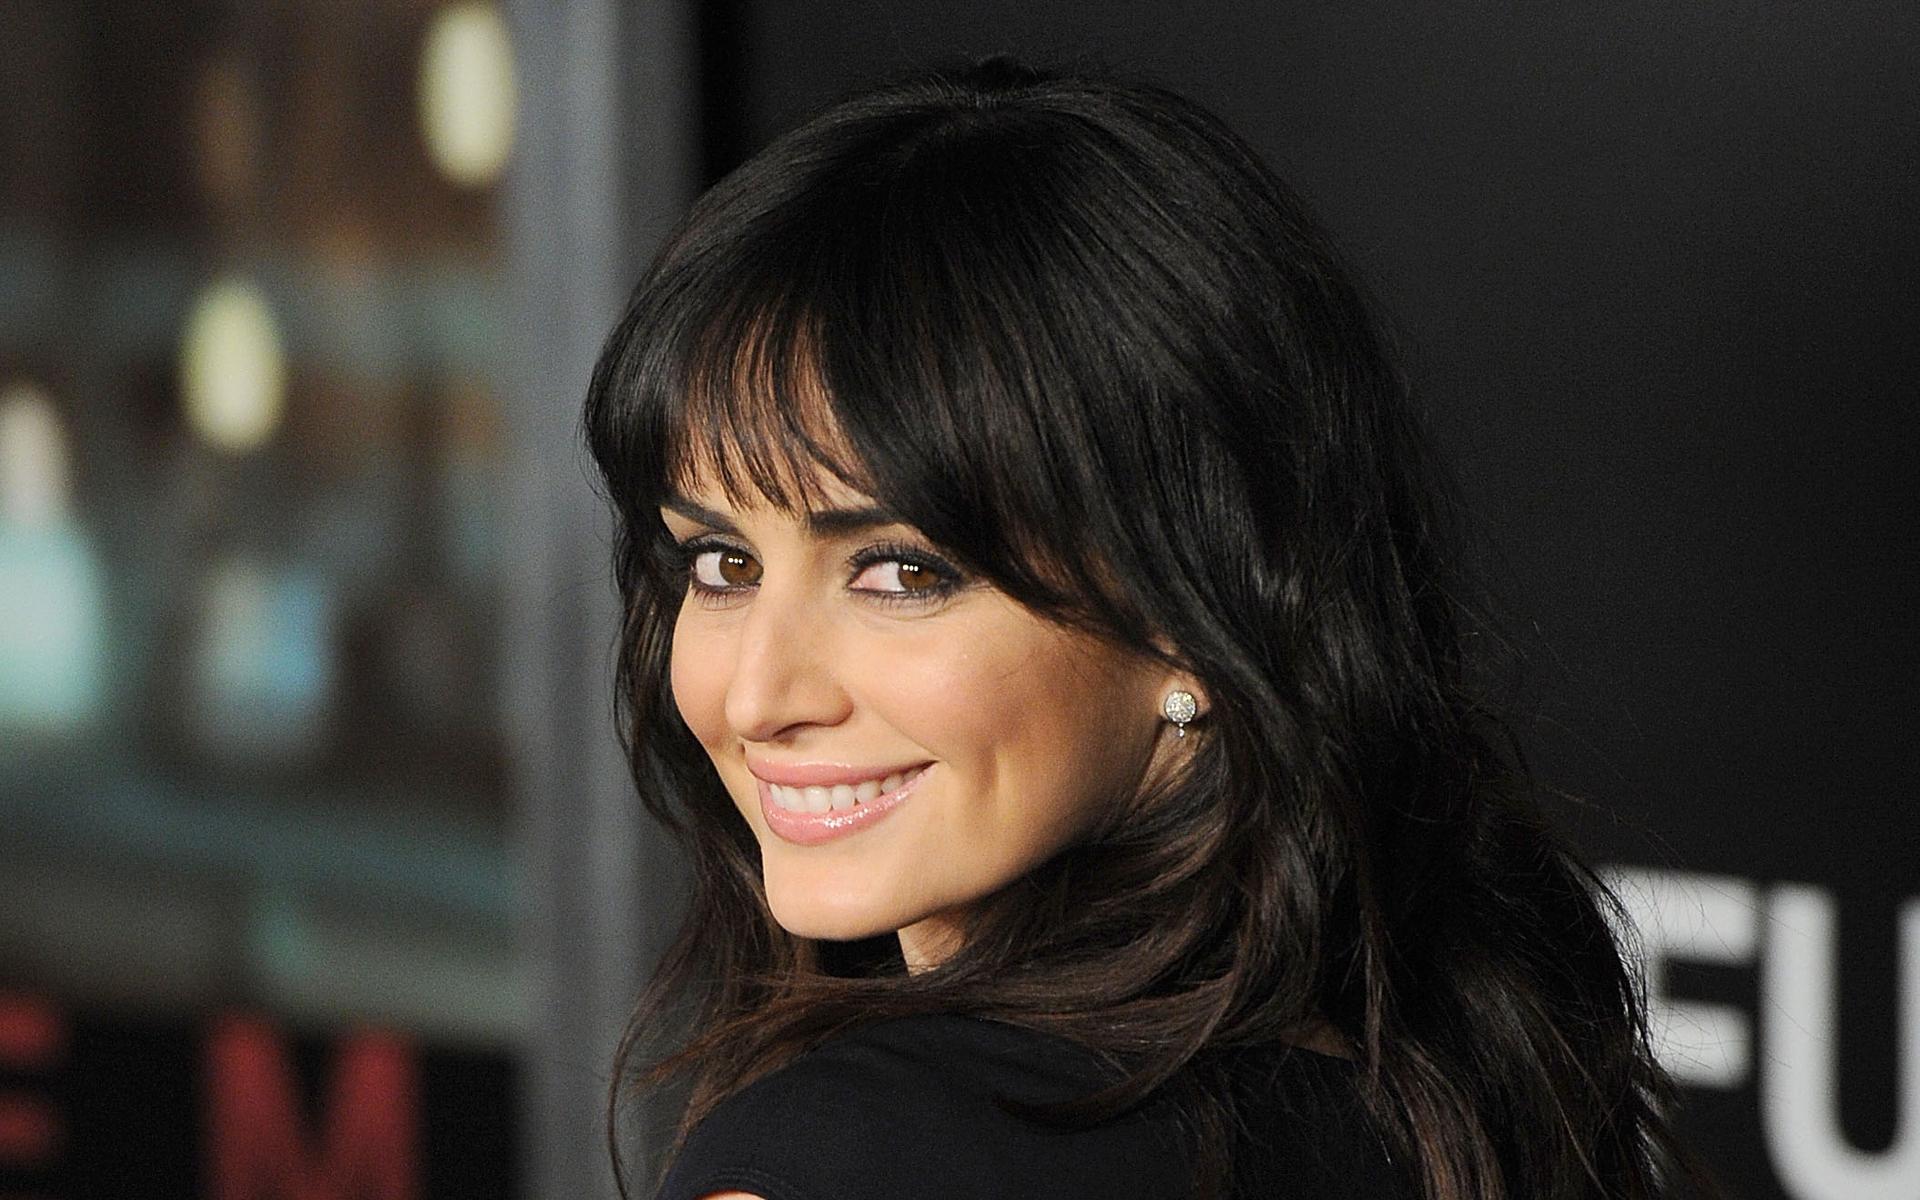 Ana De La Reguera Lovely Hd Pics Wallpaper Hd Celebrities 4k